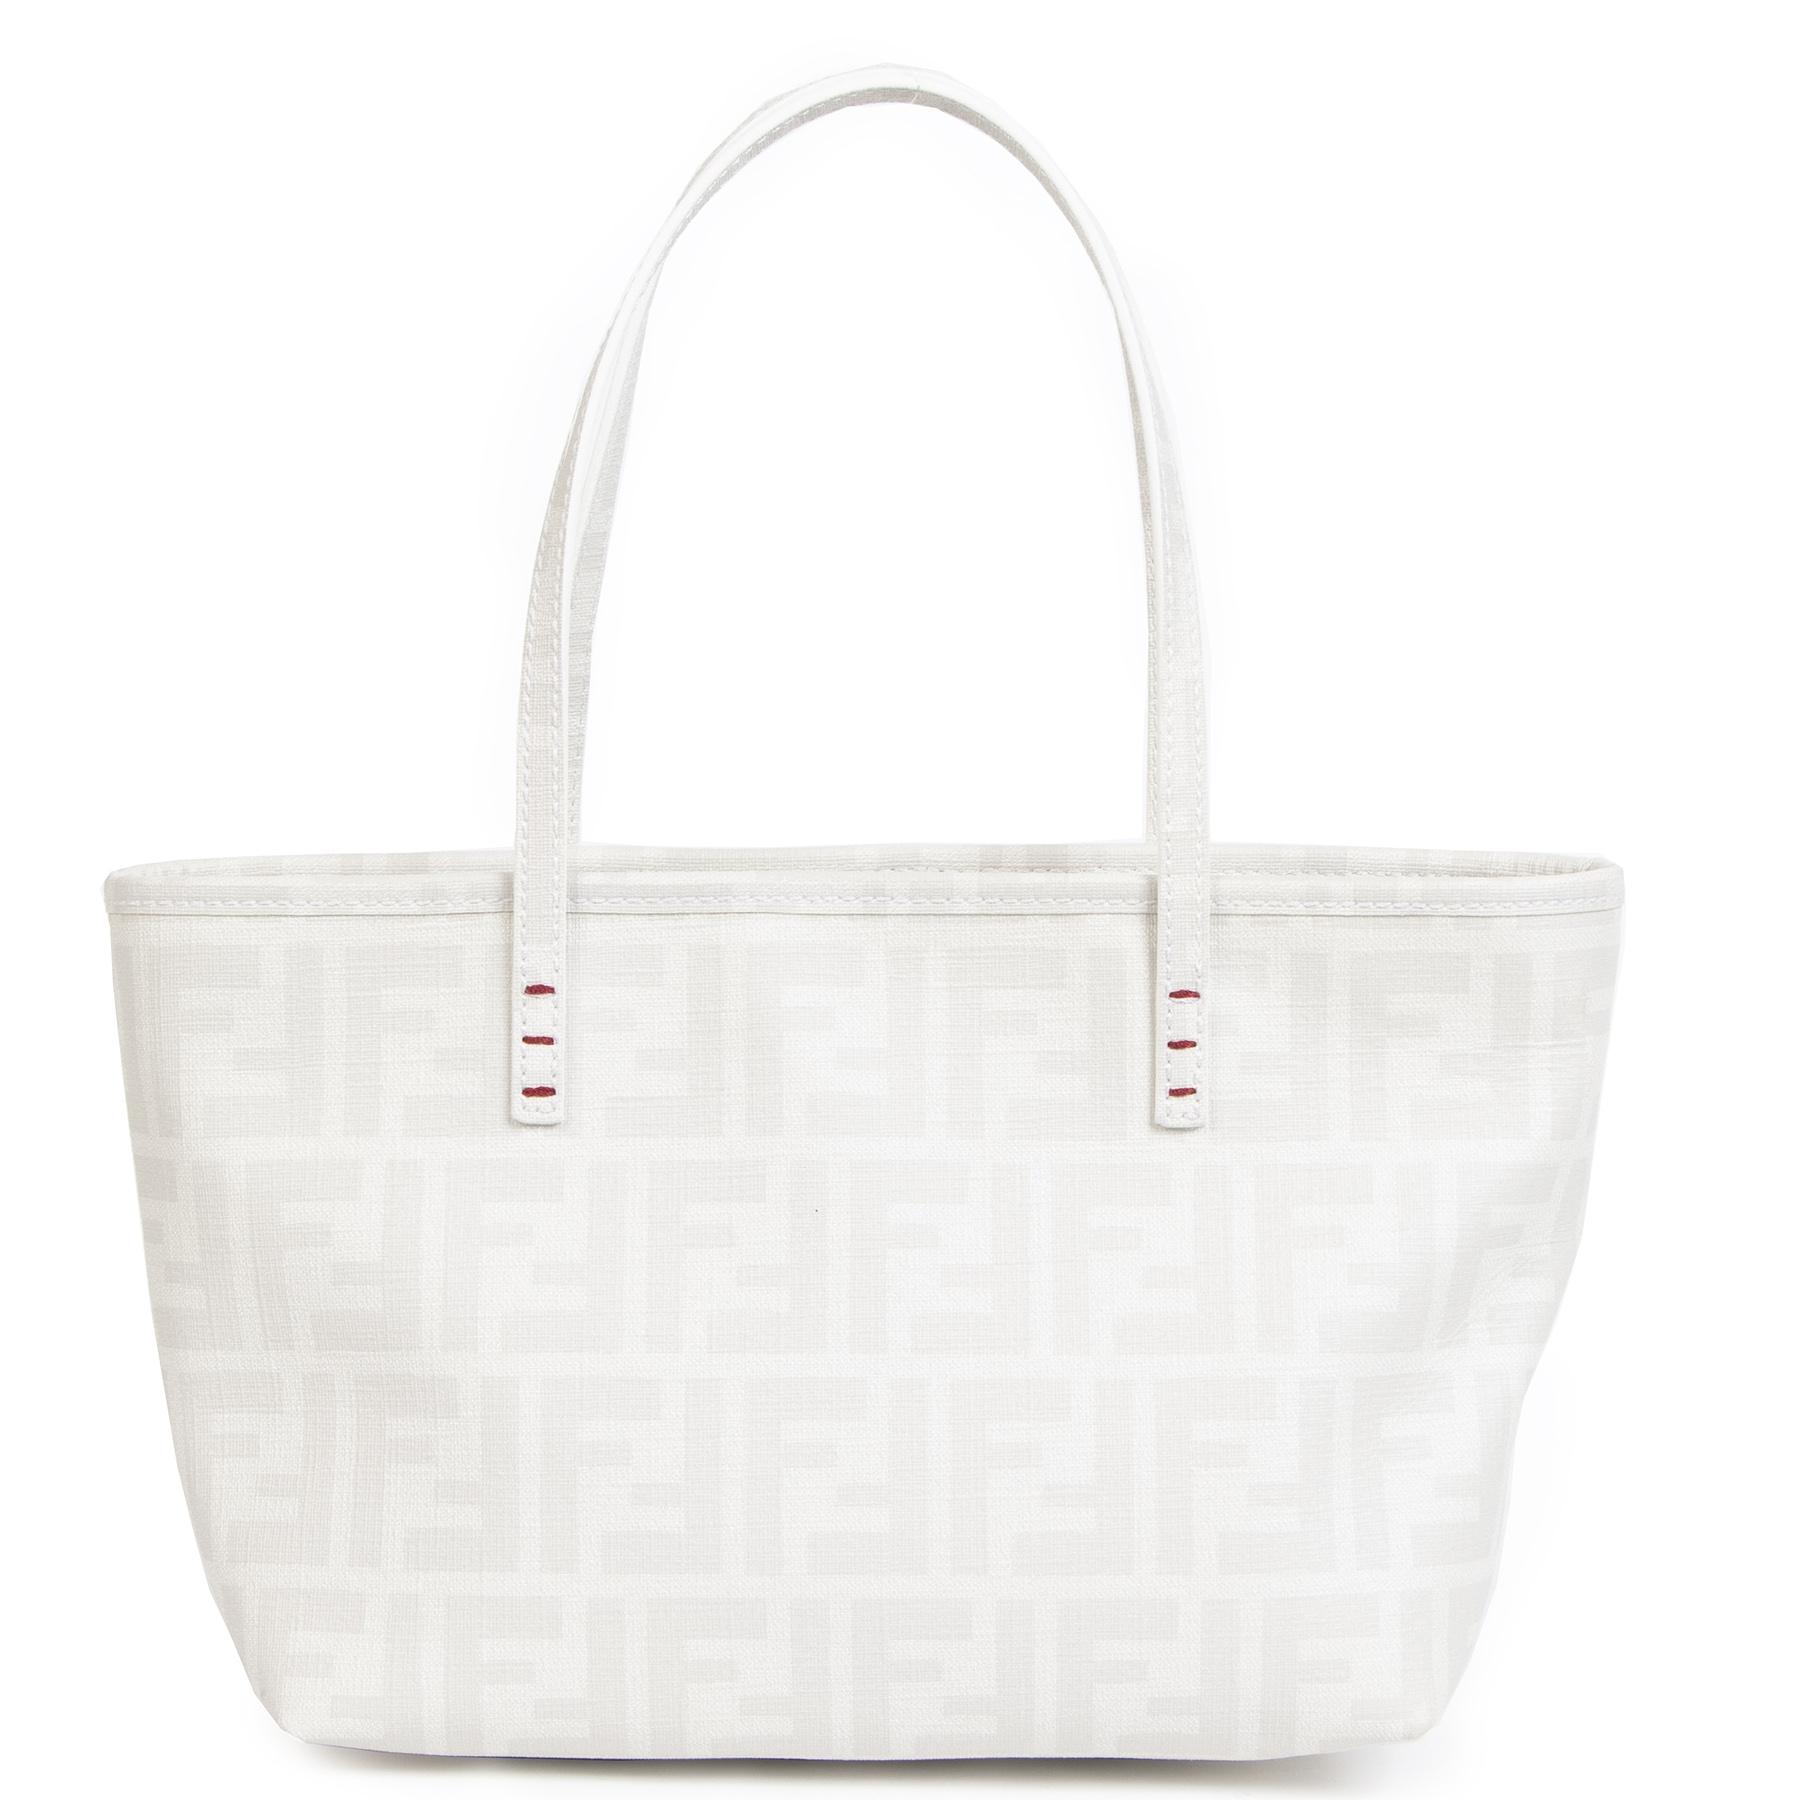 Authentieke Tweedehands Fendi White Zucca Spalmati Embroidered Small Tote Bag juiste prijs veilig online shoppen luxe merken webshop winkelen Antewerpen België mode fashion